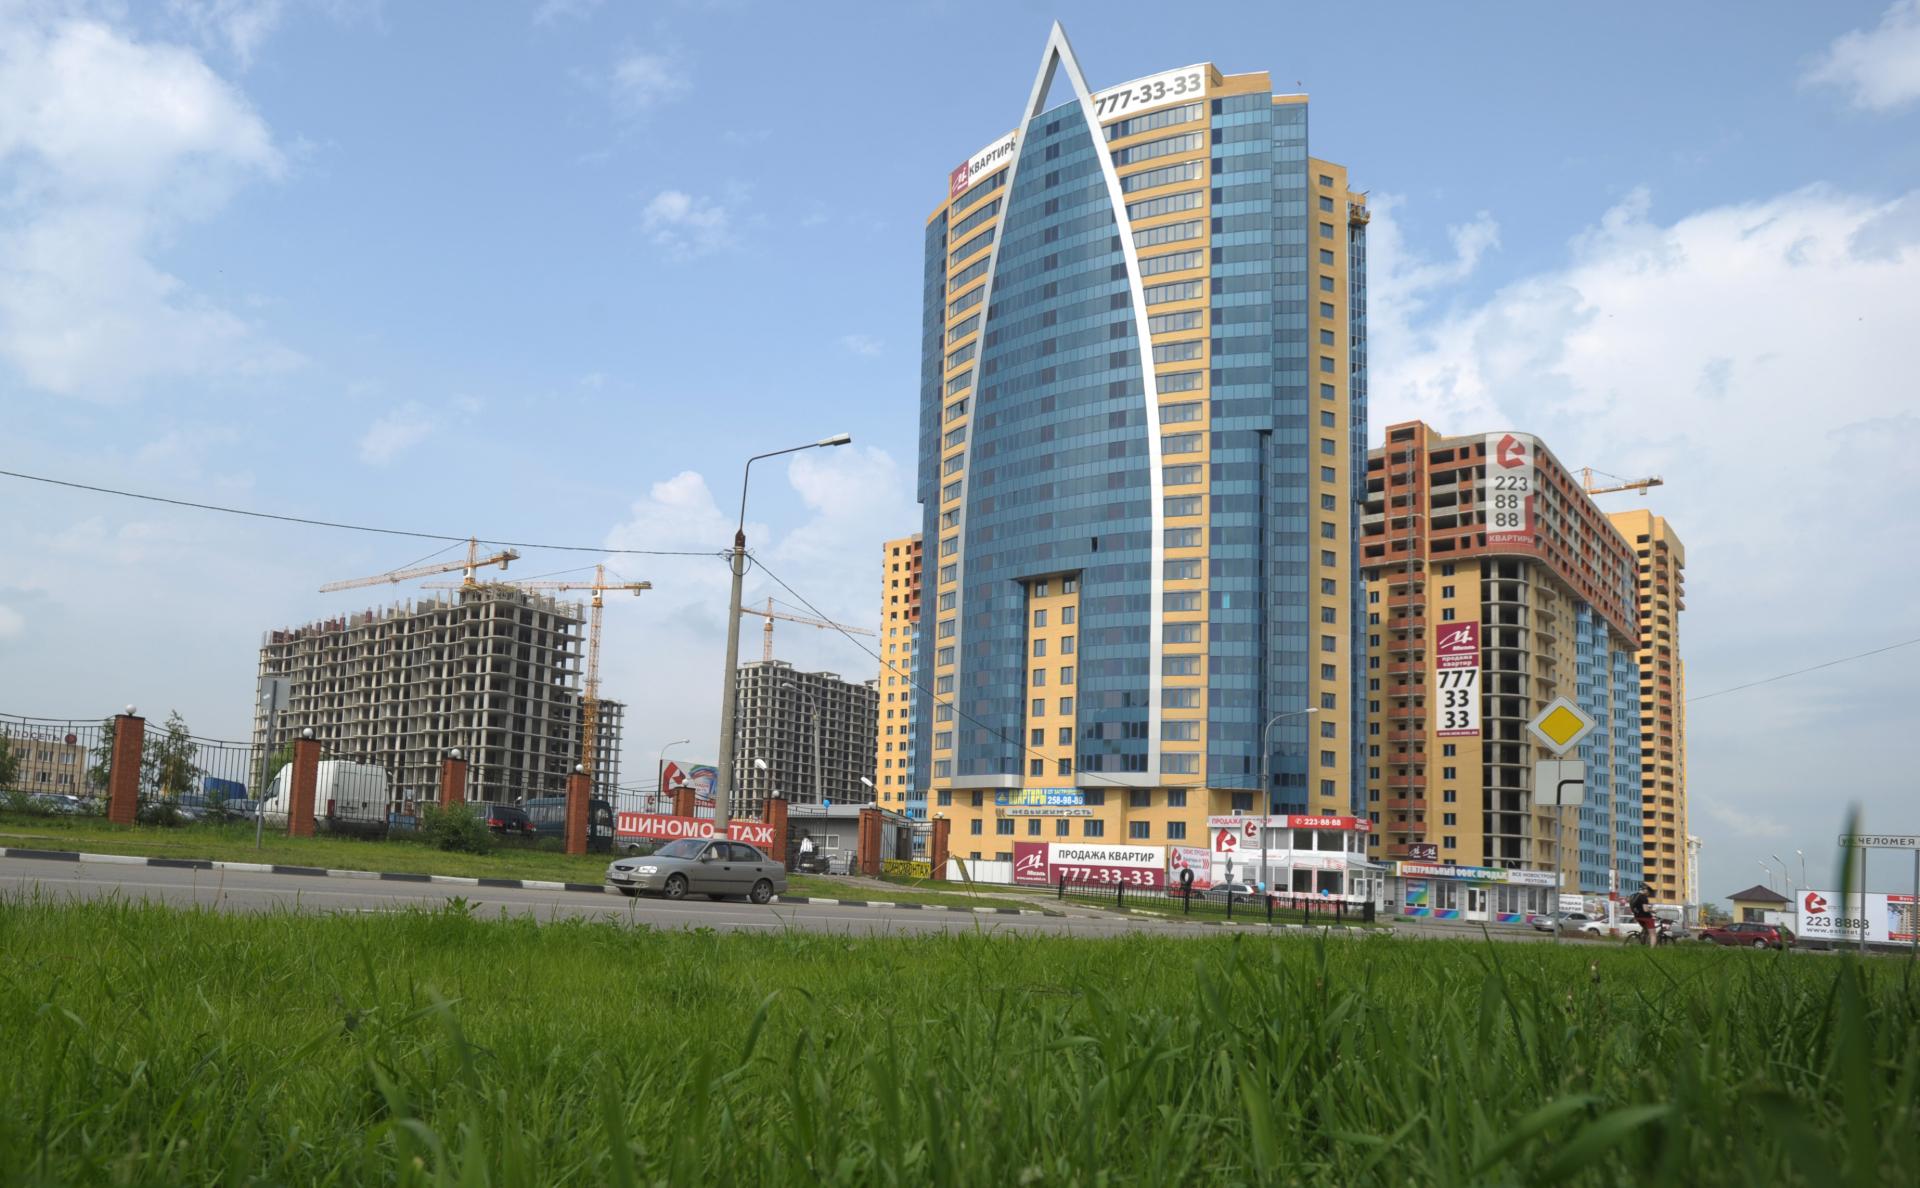 Строительство микрорайона «Новокосино-2» в Реутово в Московской областив 2012 году